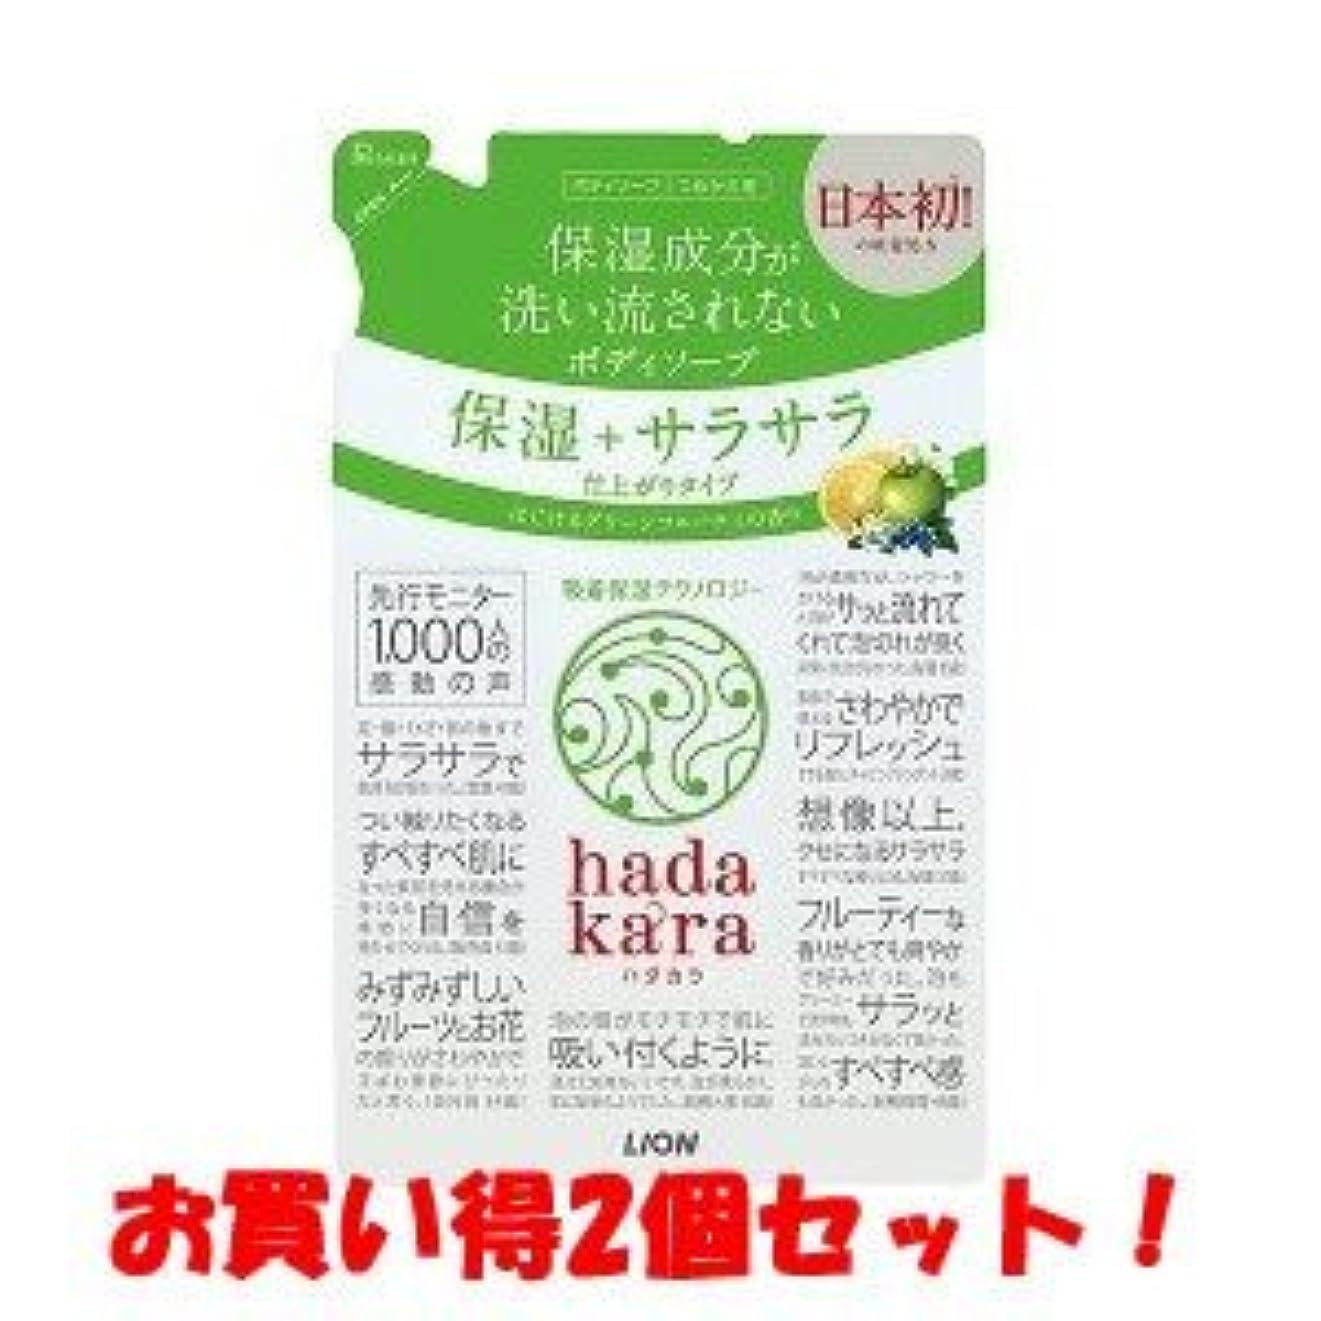 社会学マグ交換可能(2017年新商品)(ライオン)hadakara(ハダカラ) ボディソープ 保湿+サラサラ仕上がりタイプ グリーンフルーティの香り つめかえ用 340ml(お買い得2個セット)